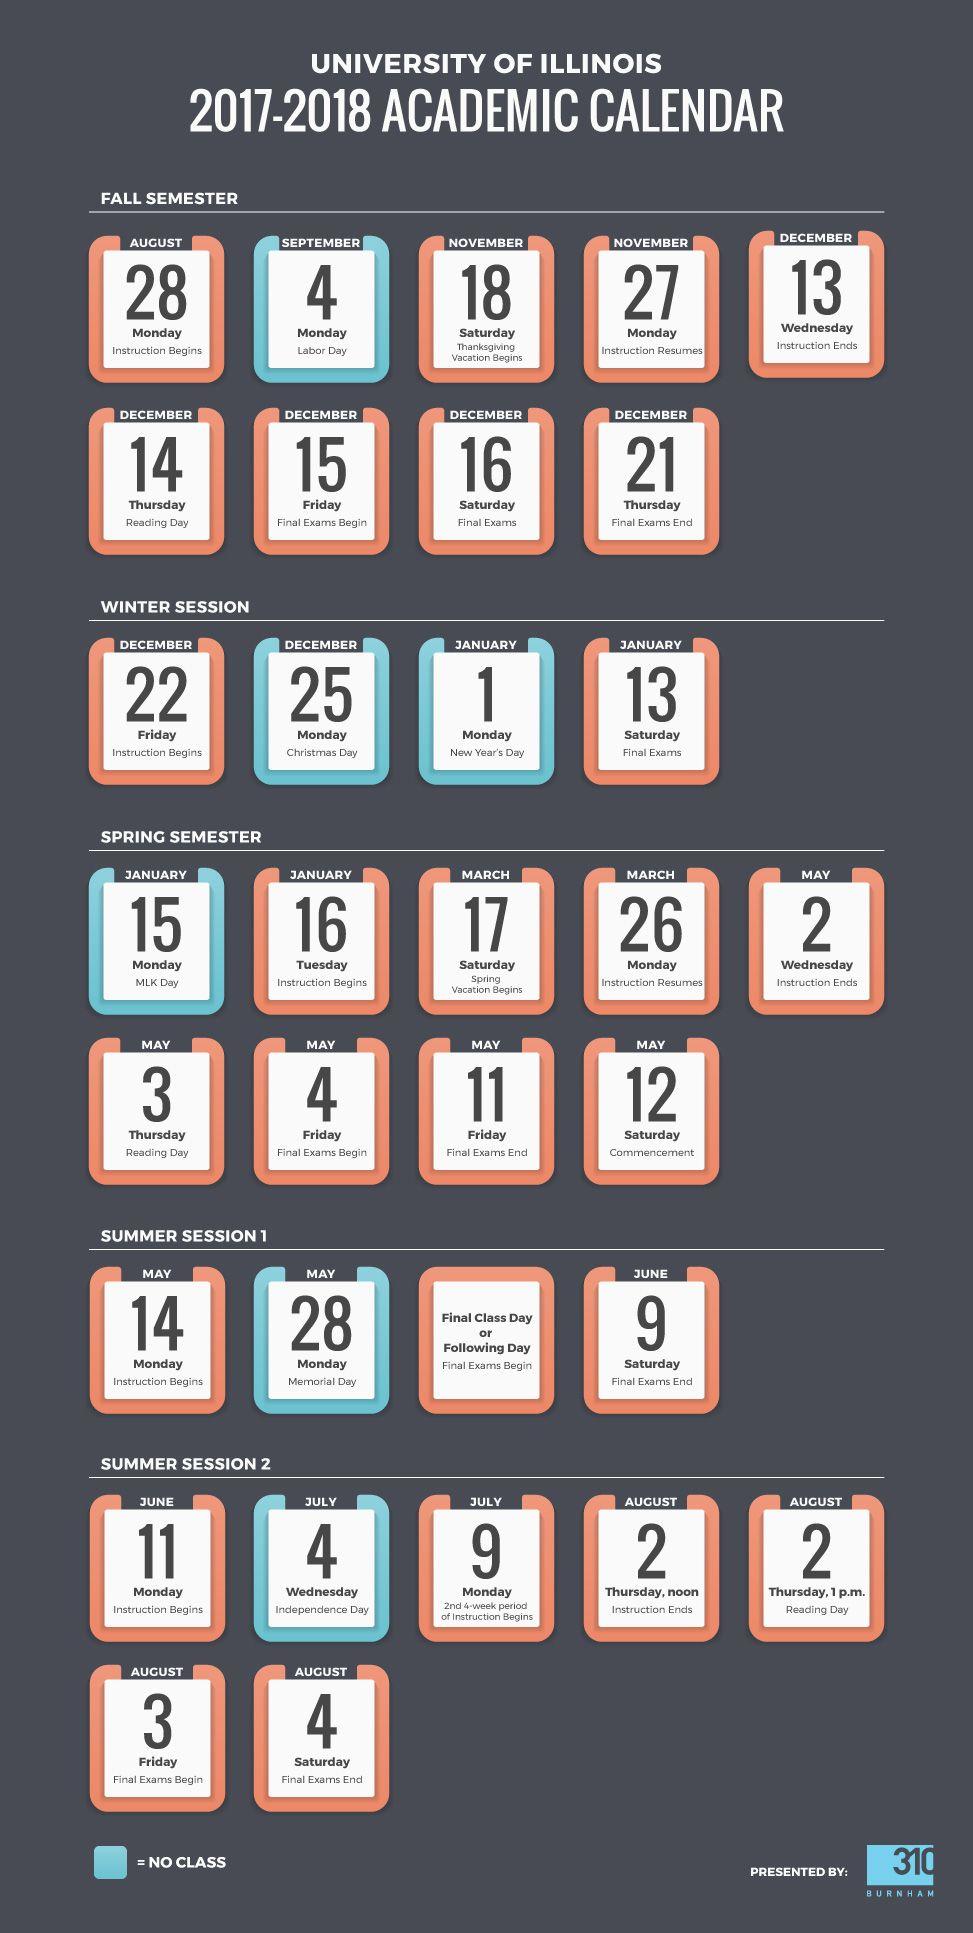 Uiuc Academic Calendar 2017 2018 School Schedule Infographic